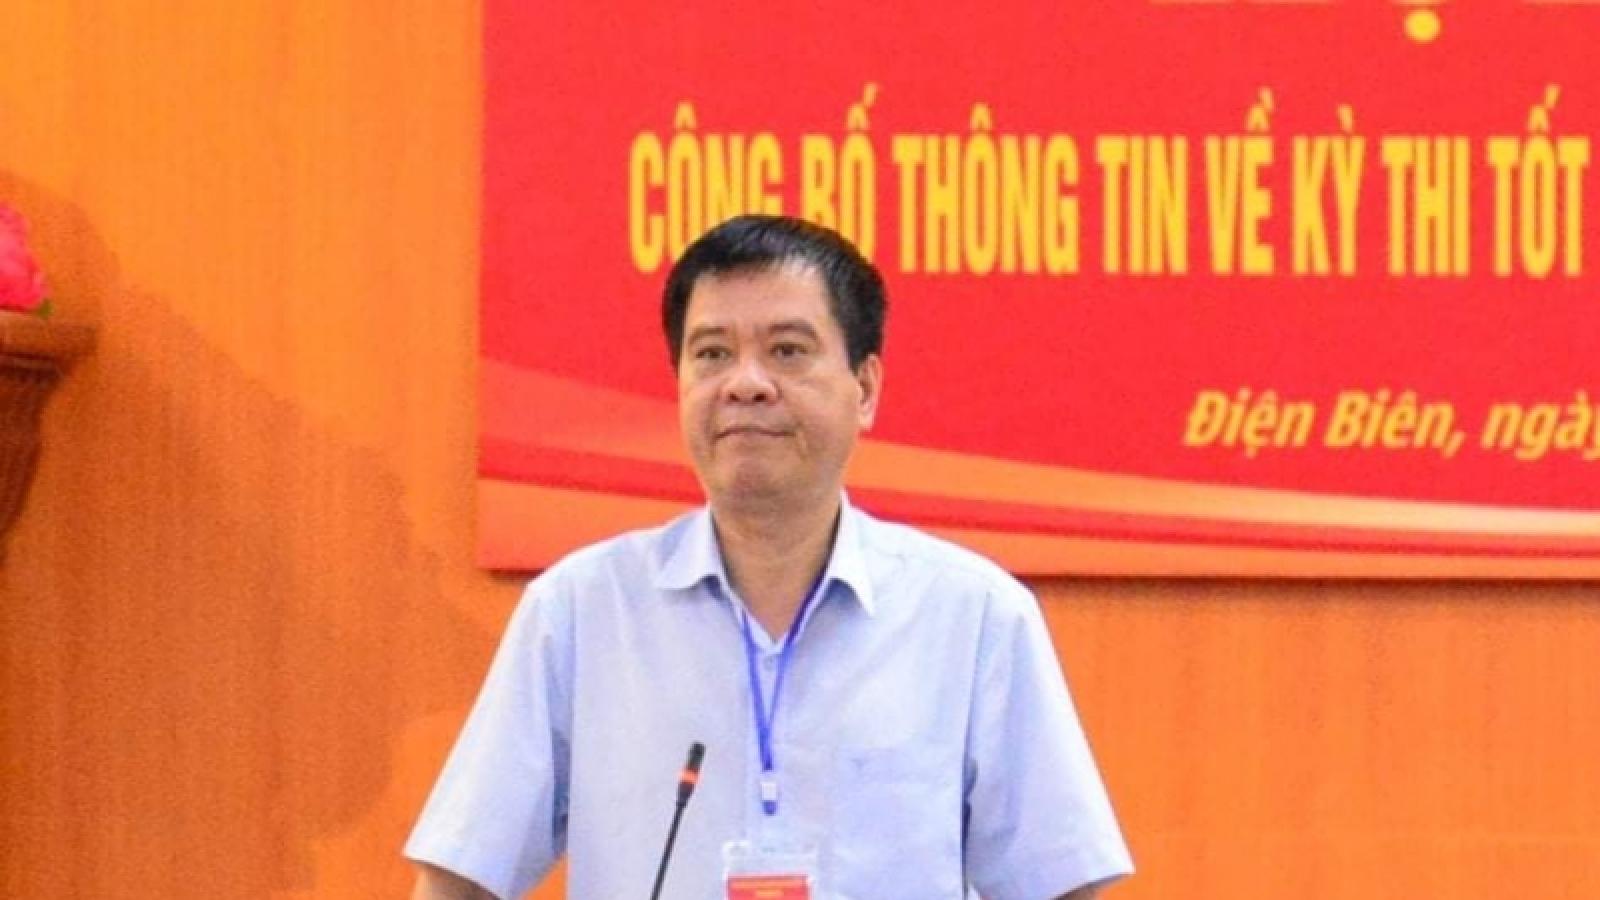 Khởi tố, bắt tạm giam nguyên Giám đốc Sở GD-ĐT tỉnh Điện Biên và 7 đồng phạm